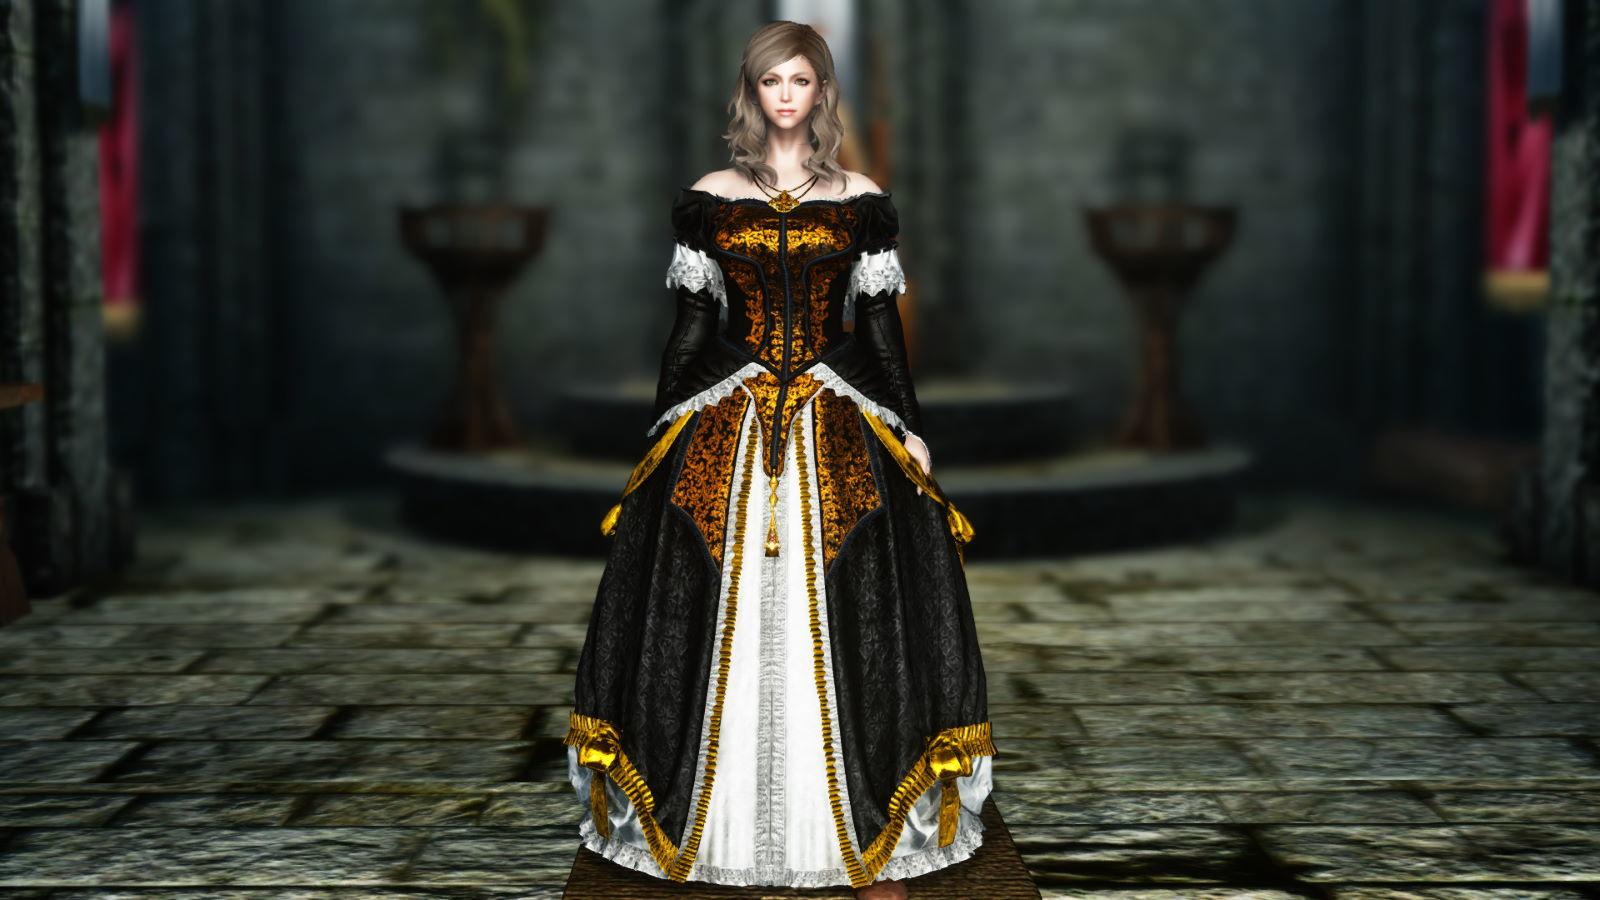 FullInuEliseDressSK 230-1 Pose Dress Gold 1